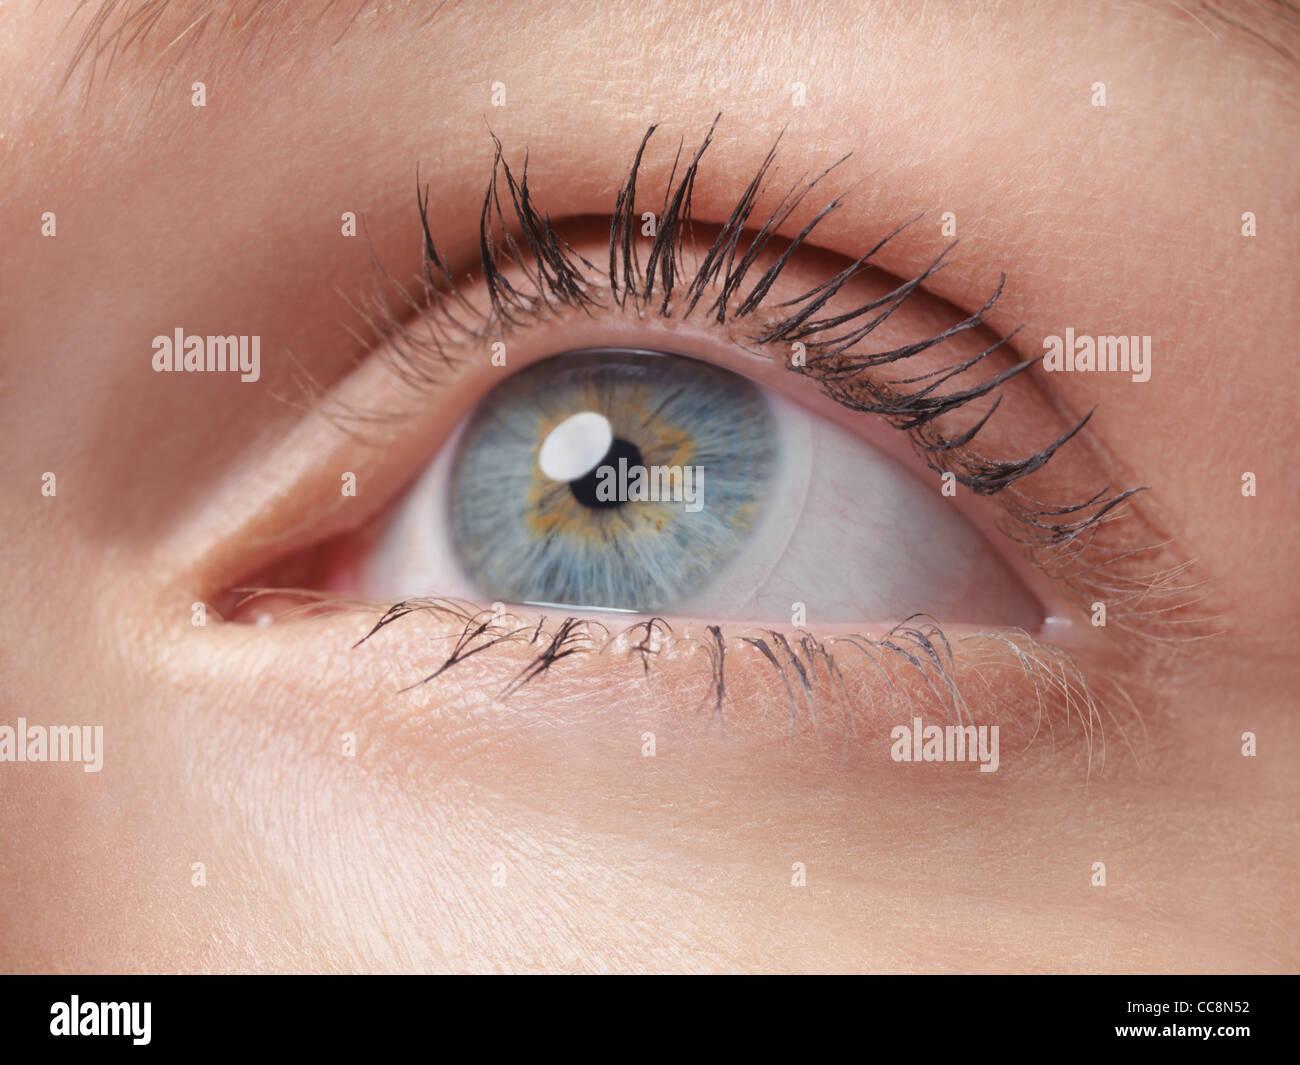 Nahaufnahme von einer Frau blaue Auge Kontaktlinsen tragen Stockbild